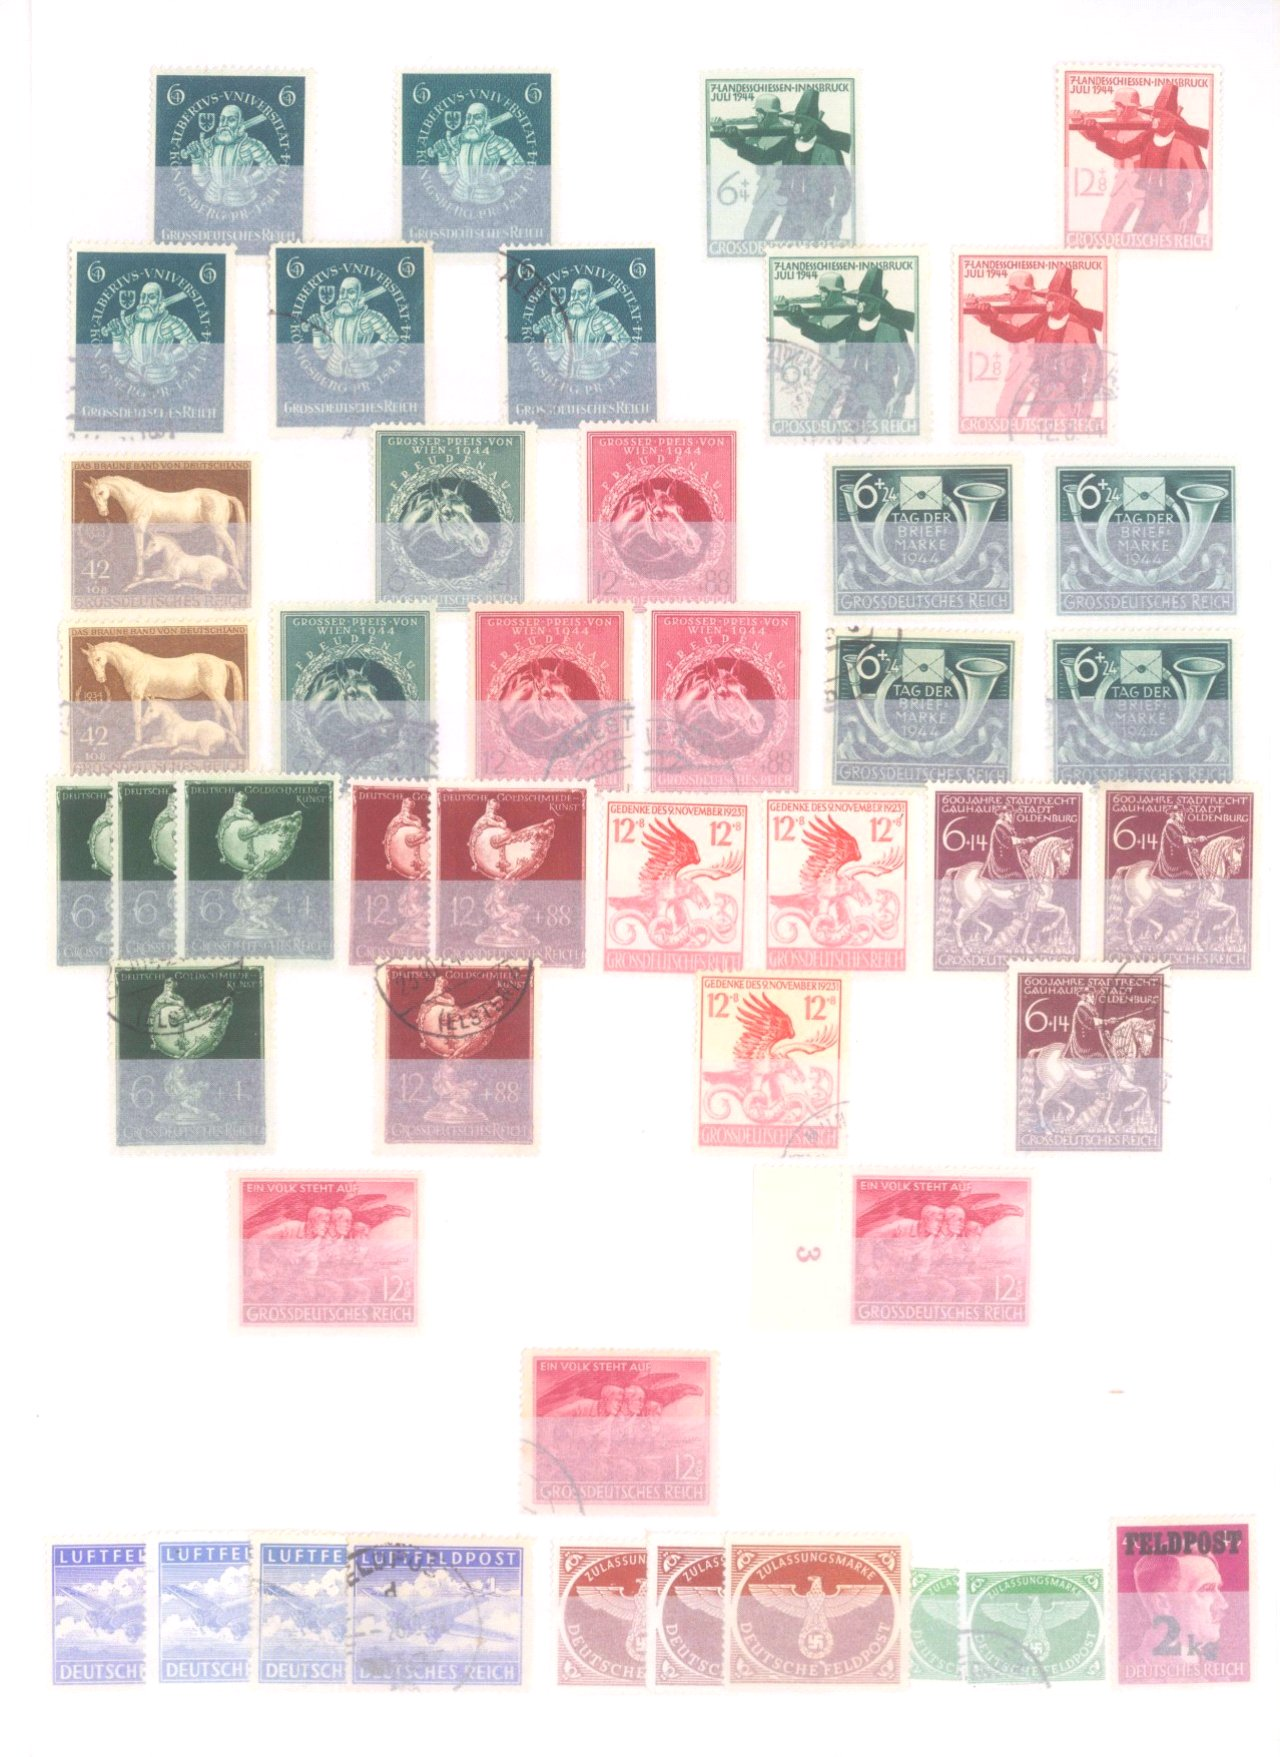 Sammlung Deutsches Reich in 2 Alben, 1933-1945-29